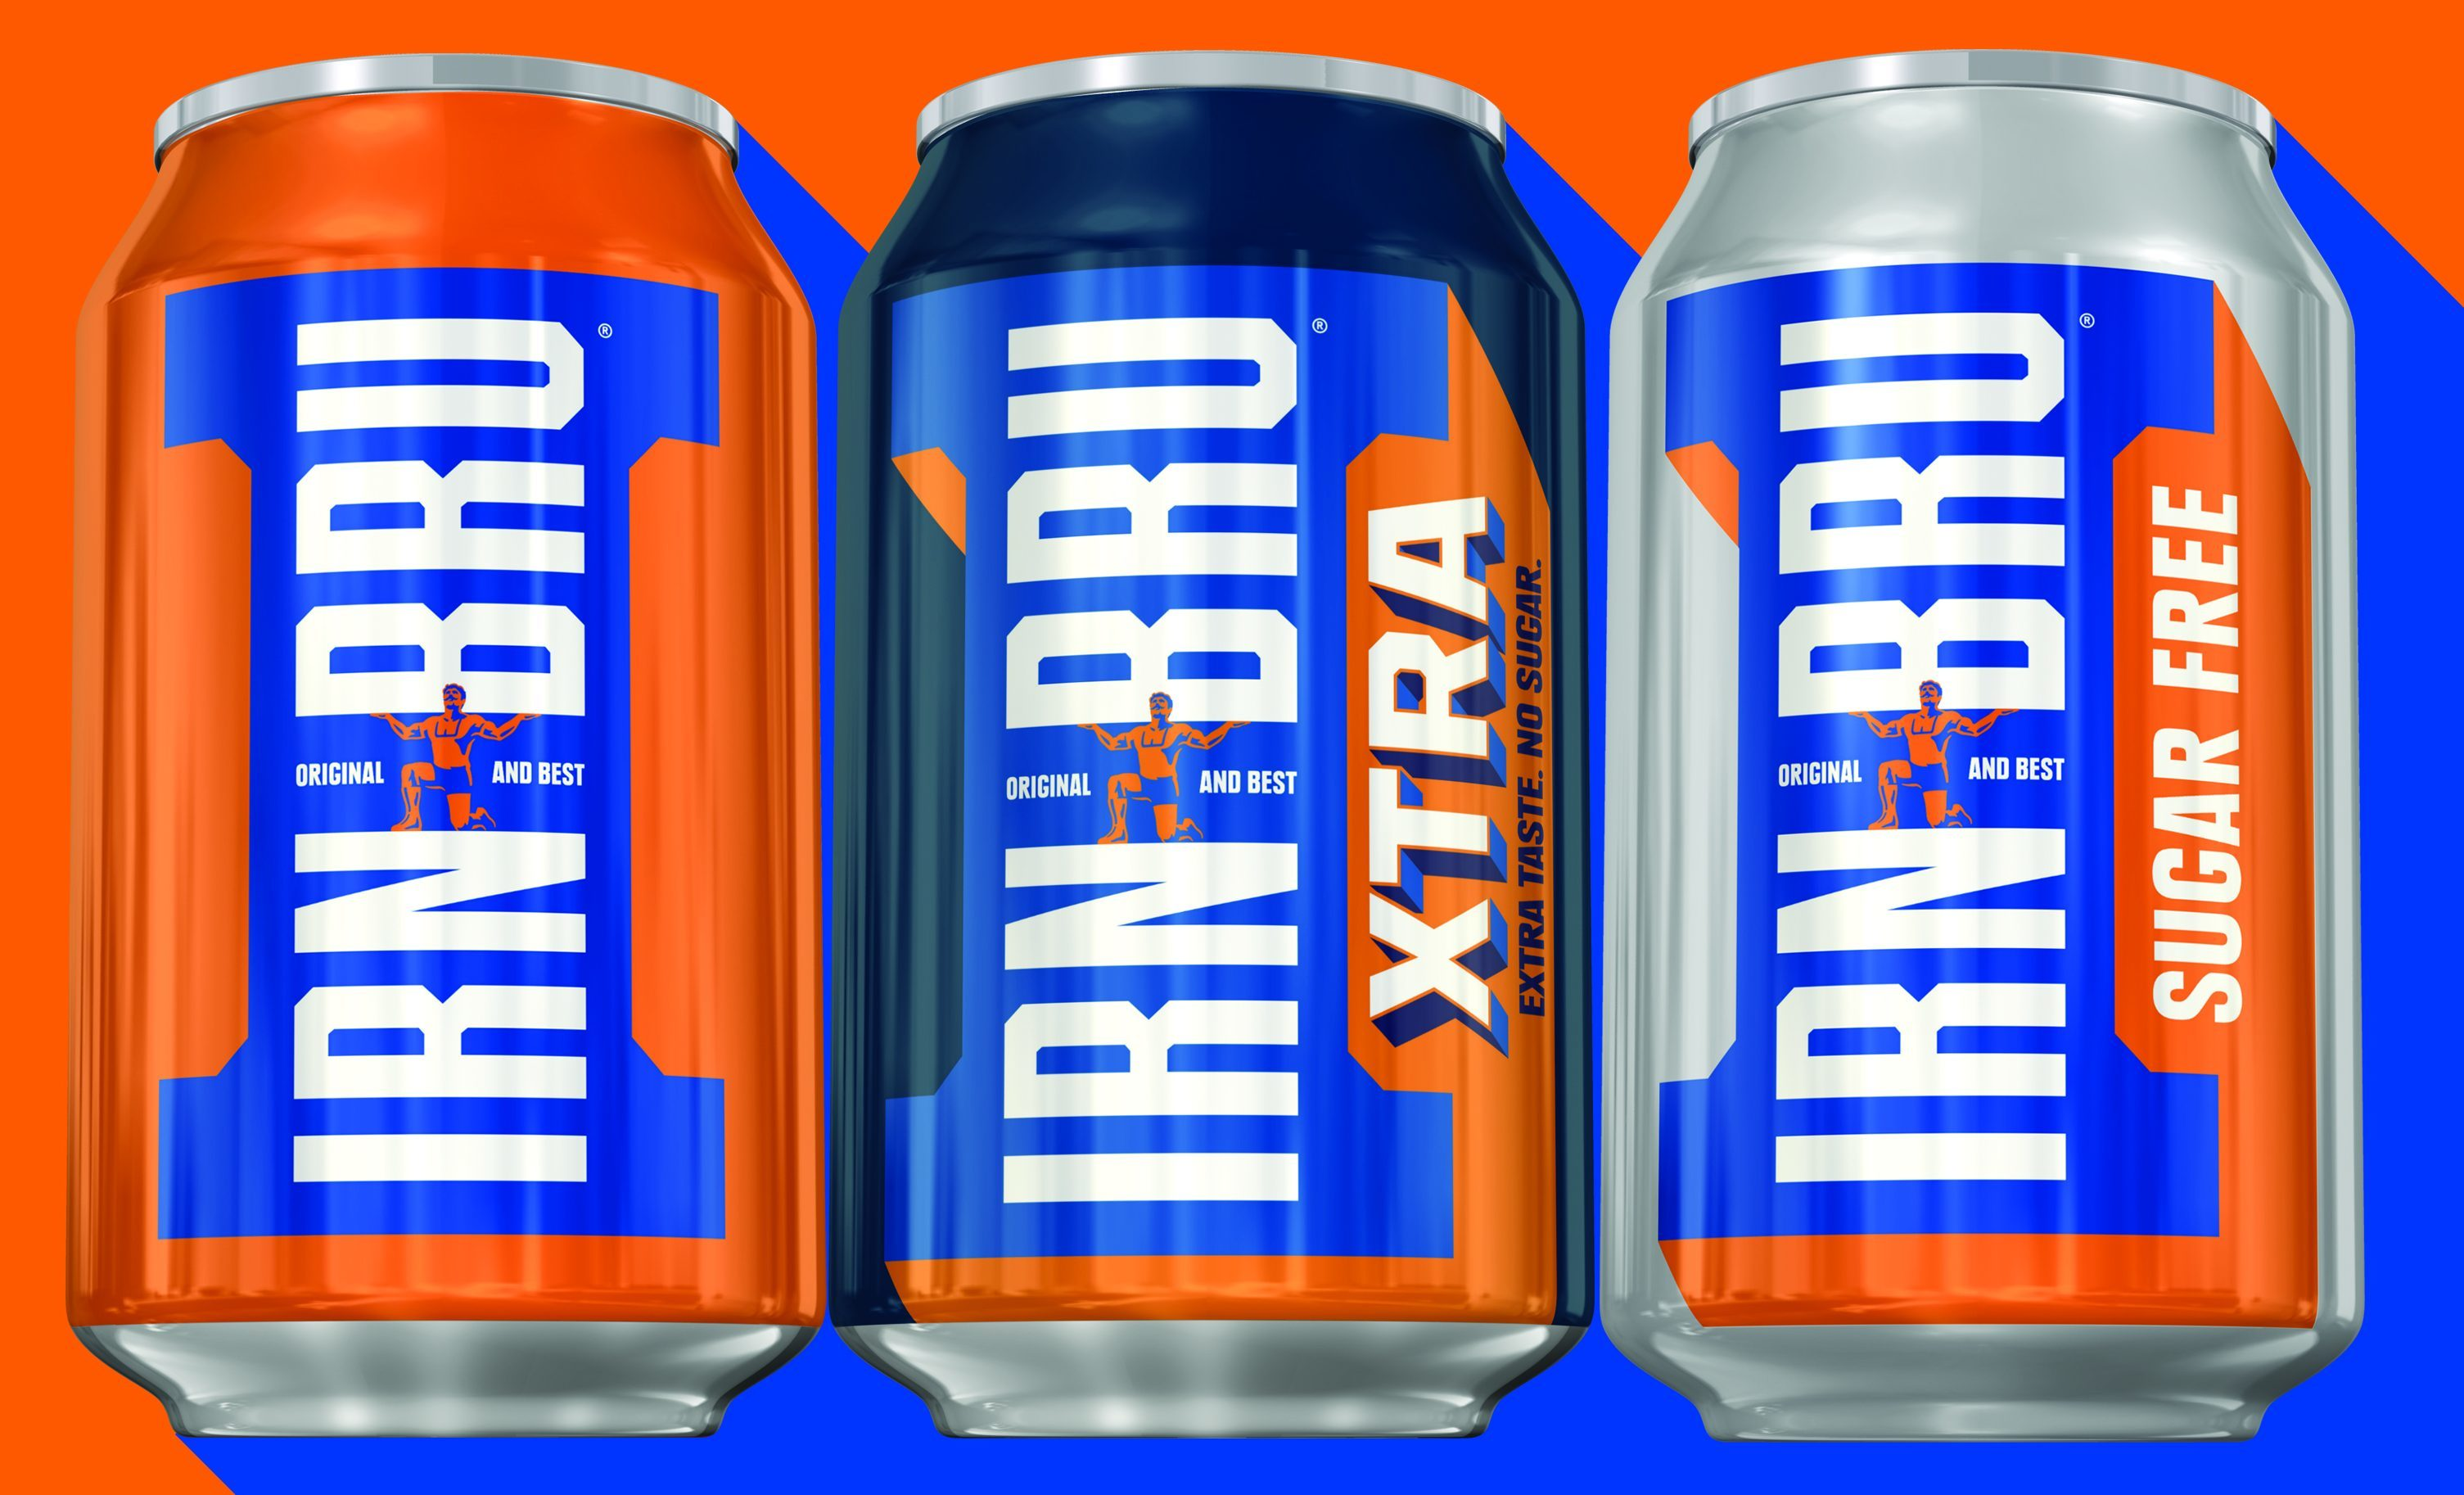 Irn-Bru recently released Irn Bru Xtra (AG Barr)